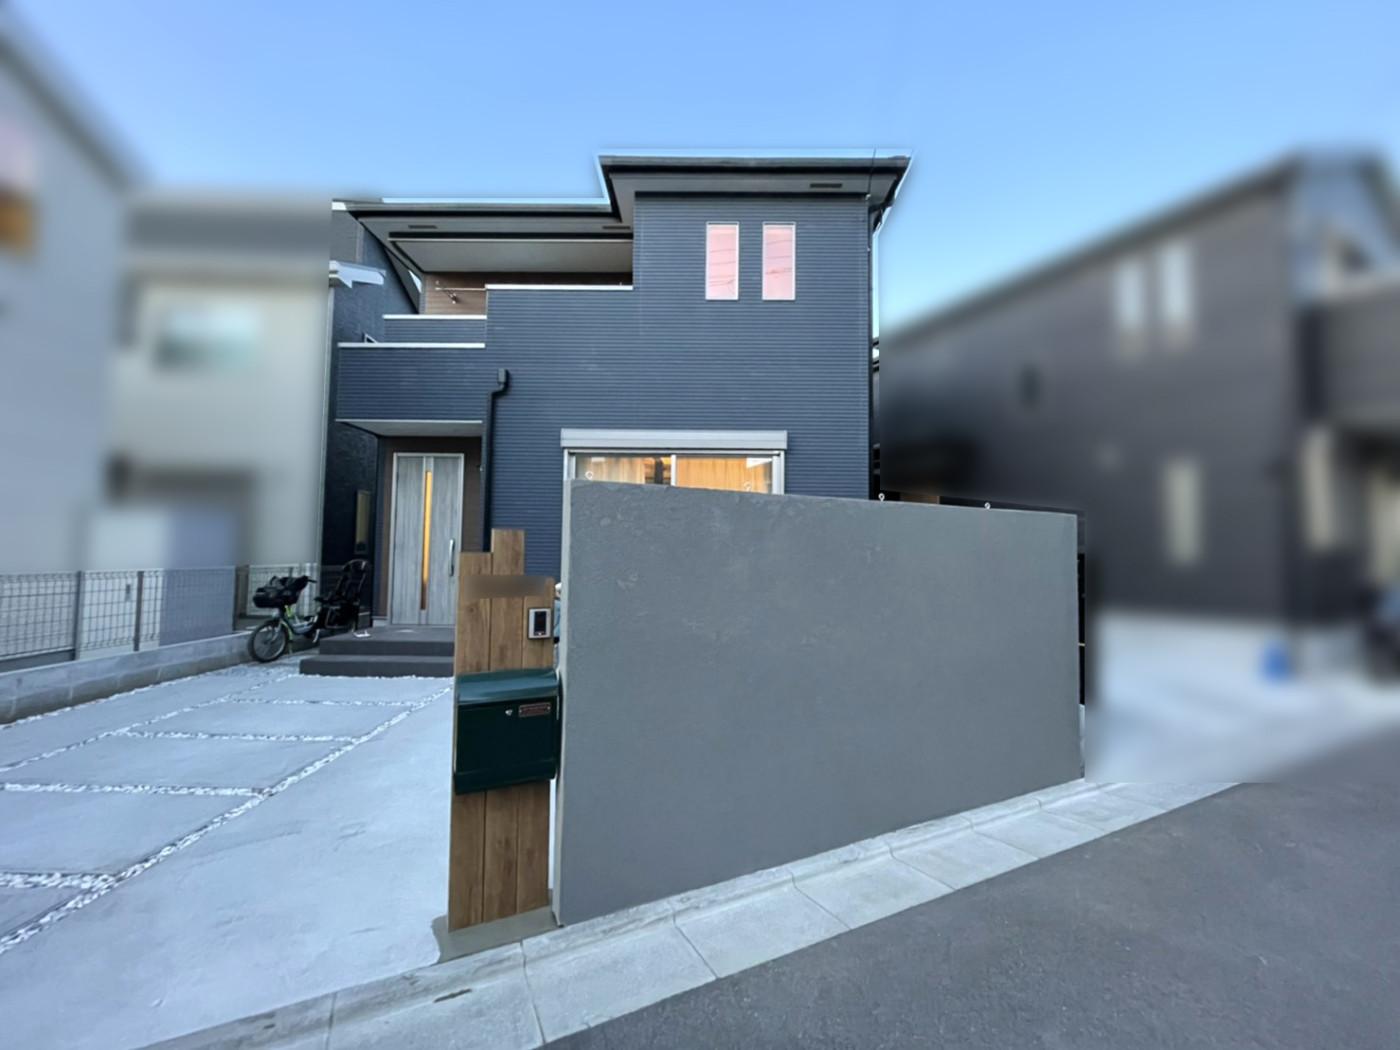 神奈川県 株式会社 琴美建設 グランドアートウォール施工イメージ2395_01